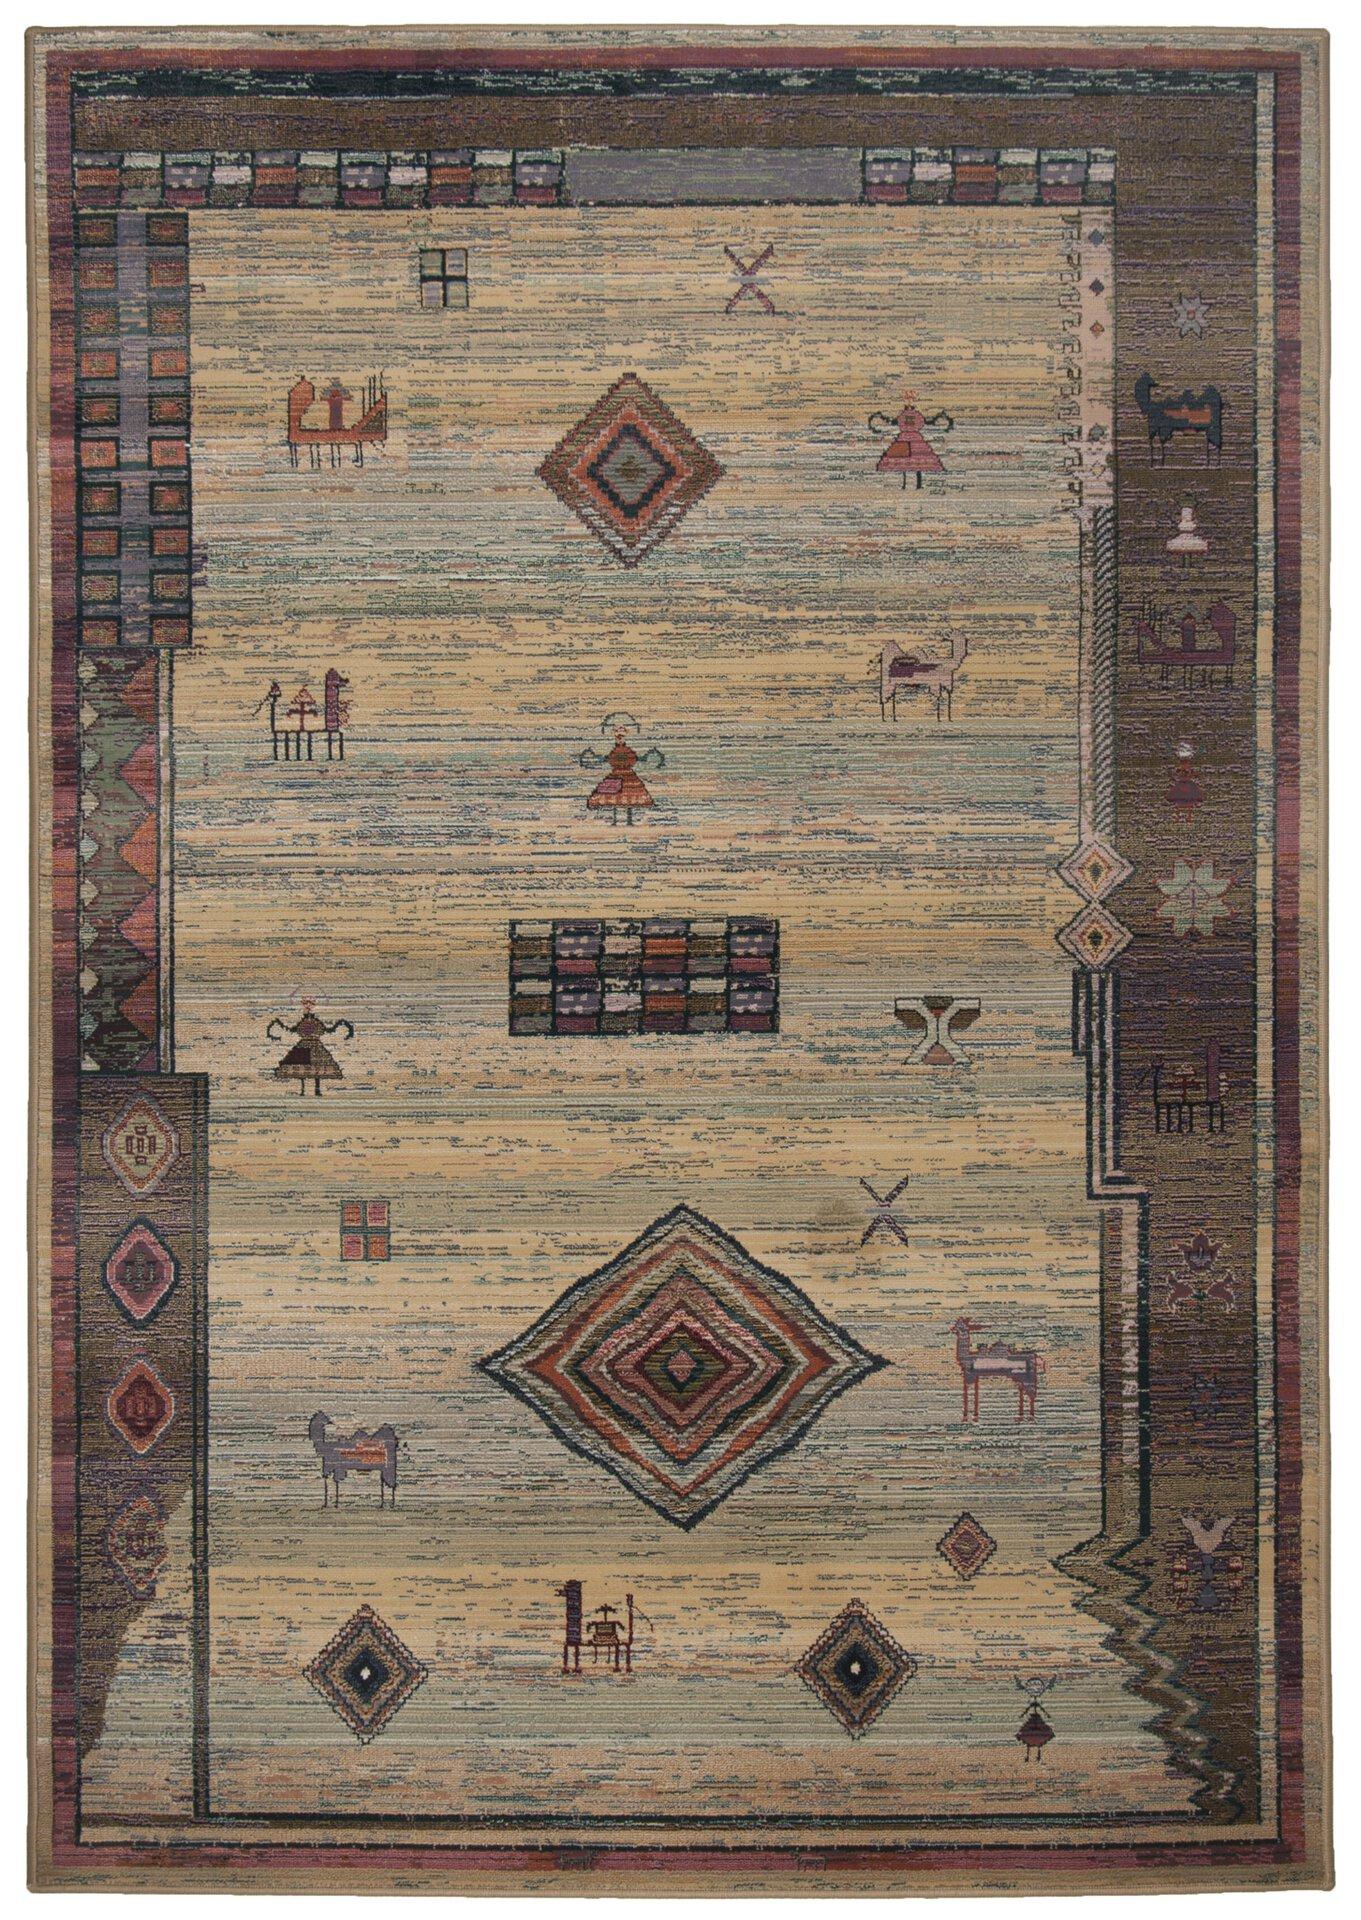 Maschinenwebteppich Gabiro Theko Textil braun 160 x 235 cm